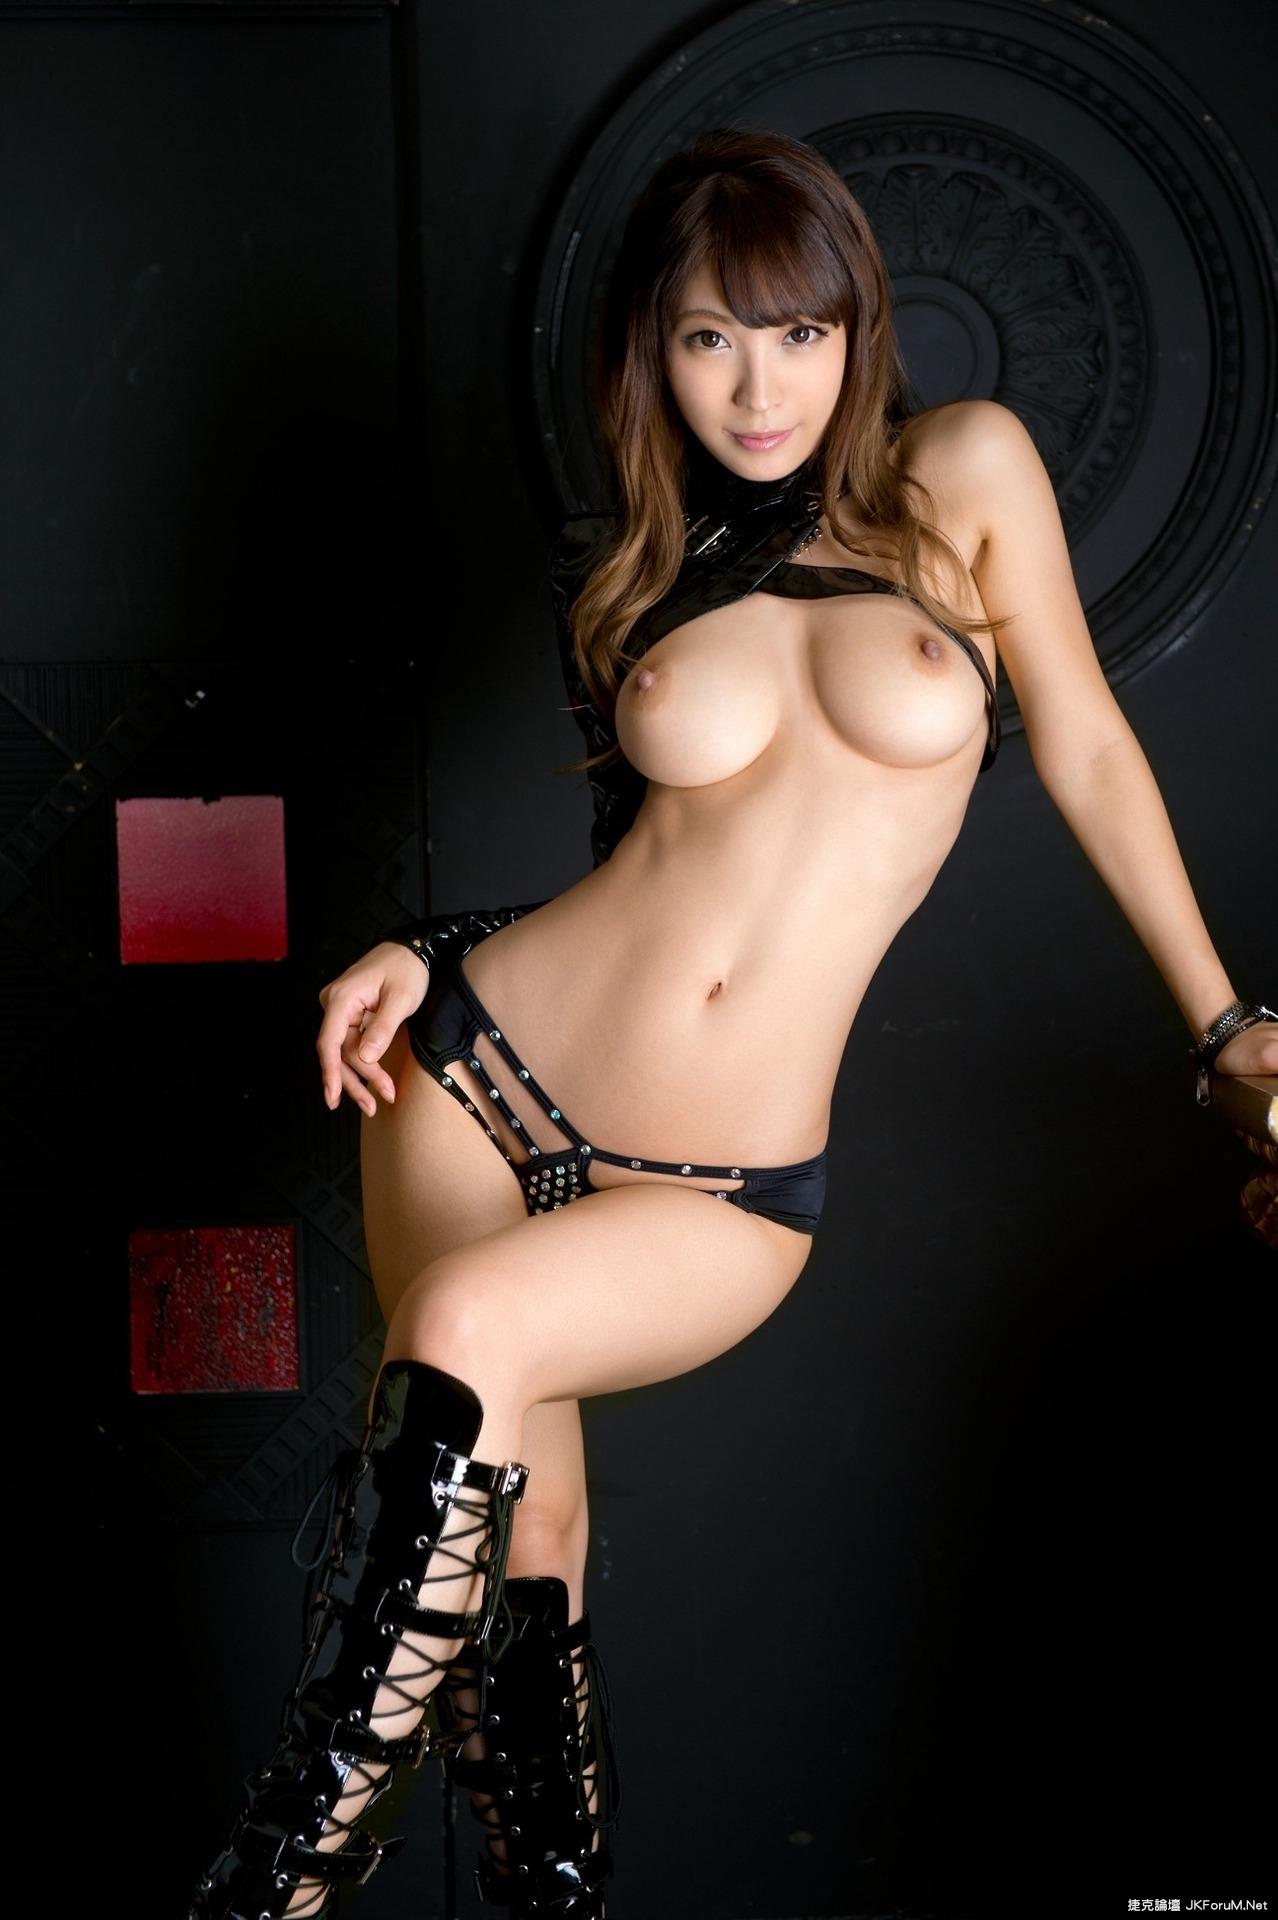 【画像専用】これ誰と聞けば教えてくれるスレ263 [無断転載禁止]©bbspink.com->画像>835枚